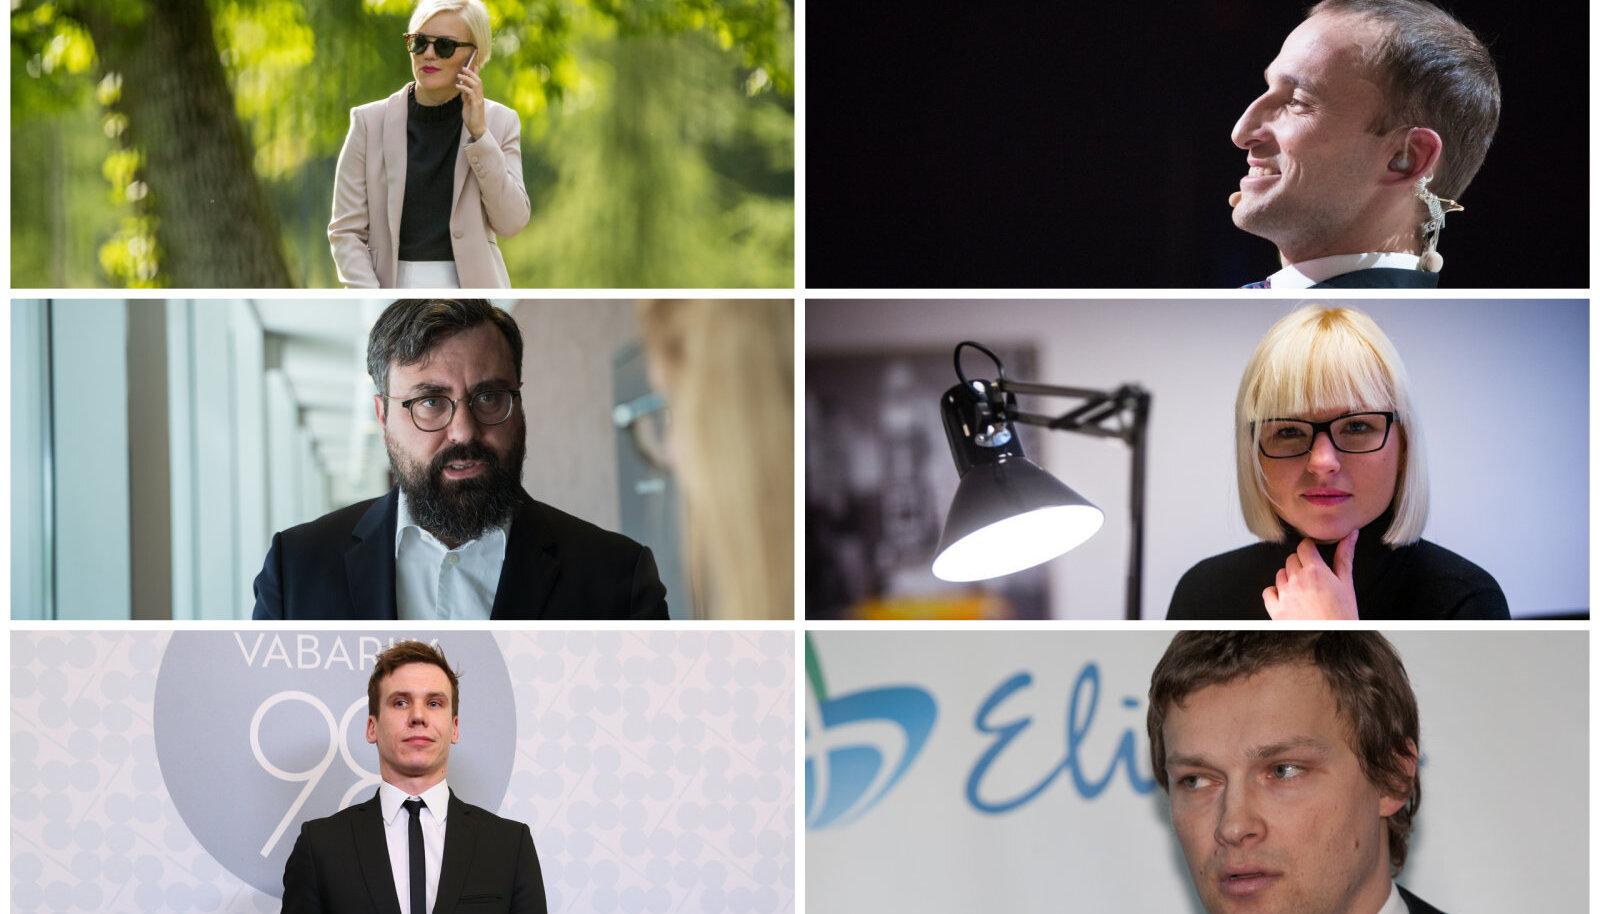 Ülevalt vasakult kellaosuti suunas: Ave Tampere, Märt Avandi, Karoli Hindriks, Kristjan Leppik, Rasmus Kaljujärv, Indrek Kasela